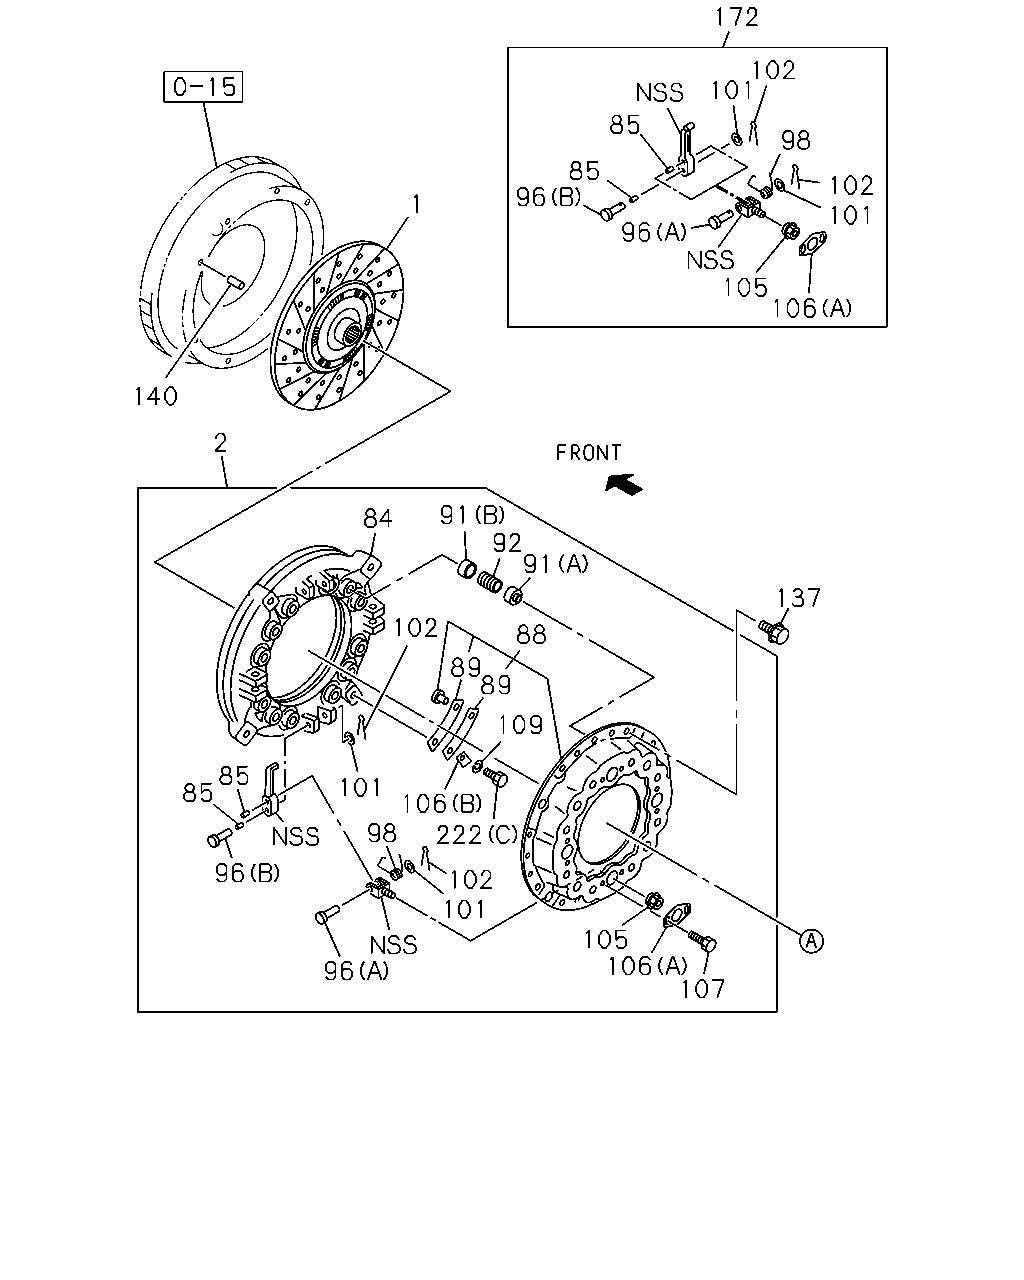 F&G, 11604 - FVR(MALAYSIA) 14 - , 2 - Clutch, Transmission